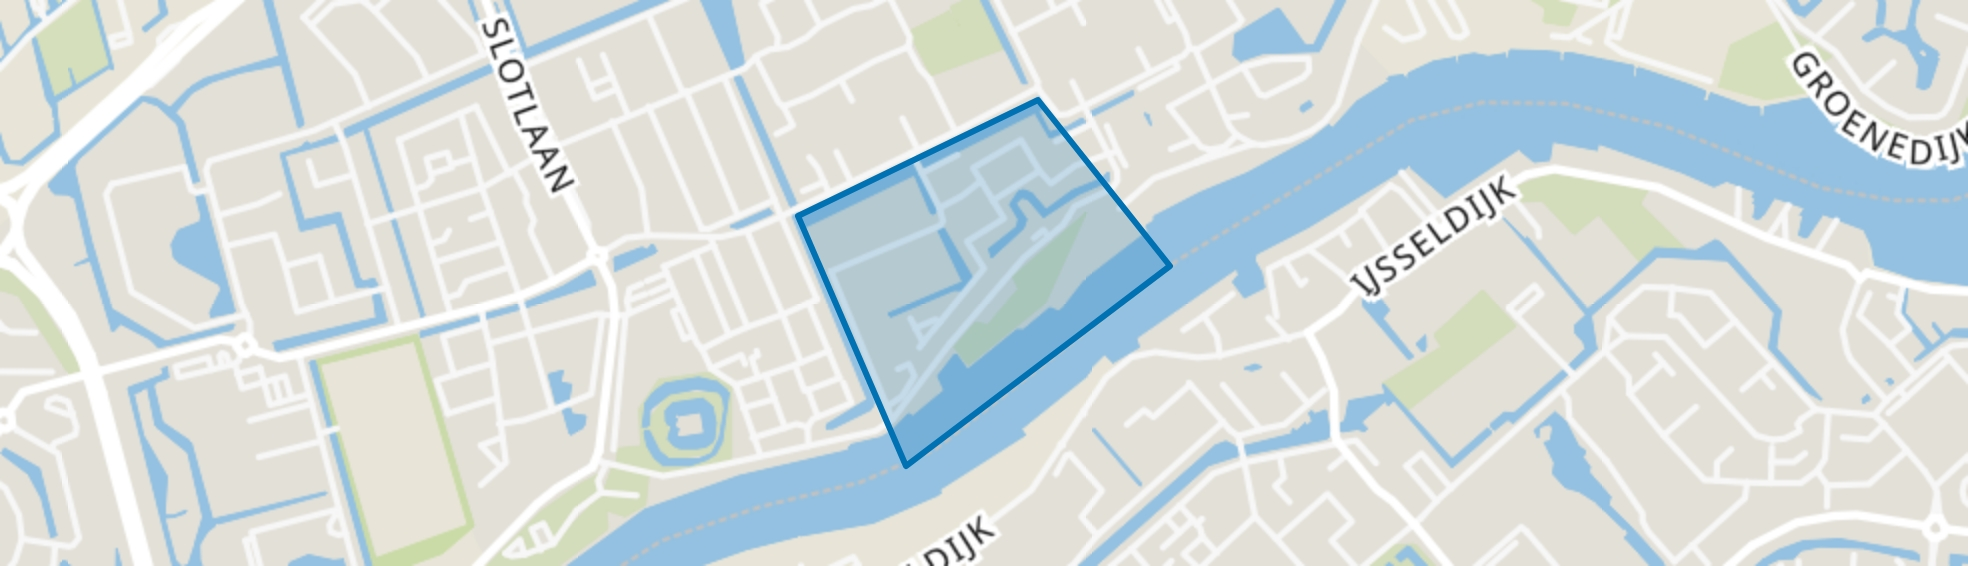 Vuykterrein, Capelle aan den IJssel map